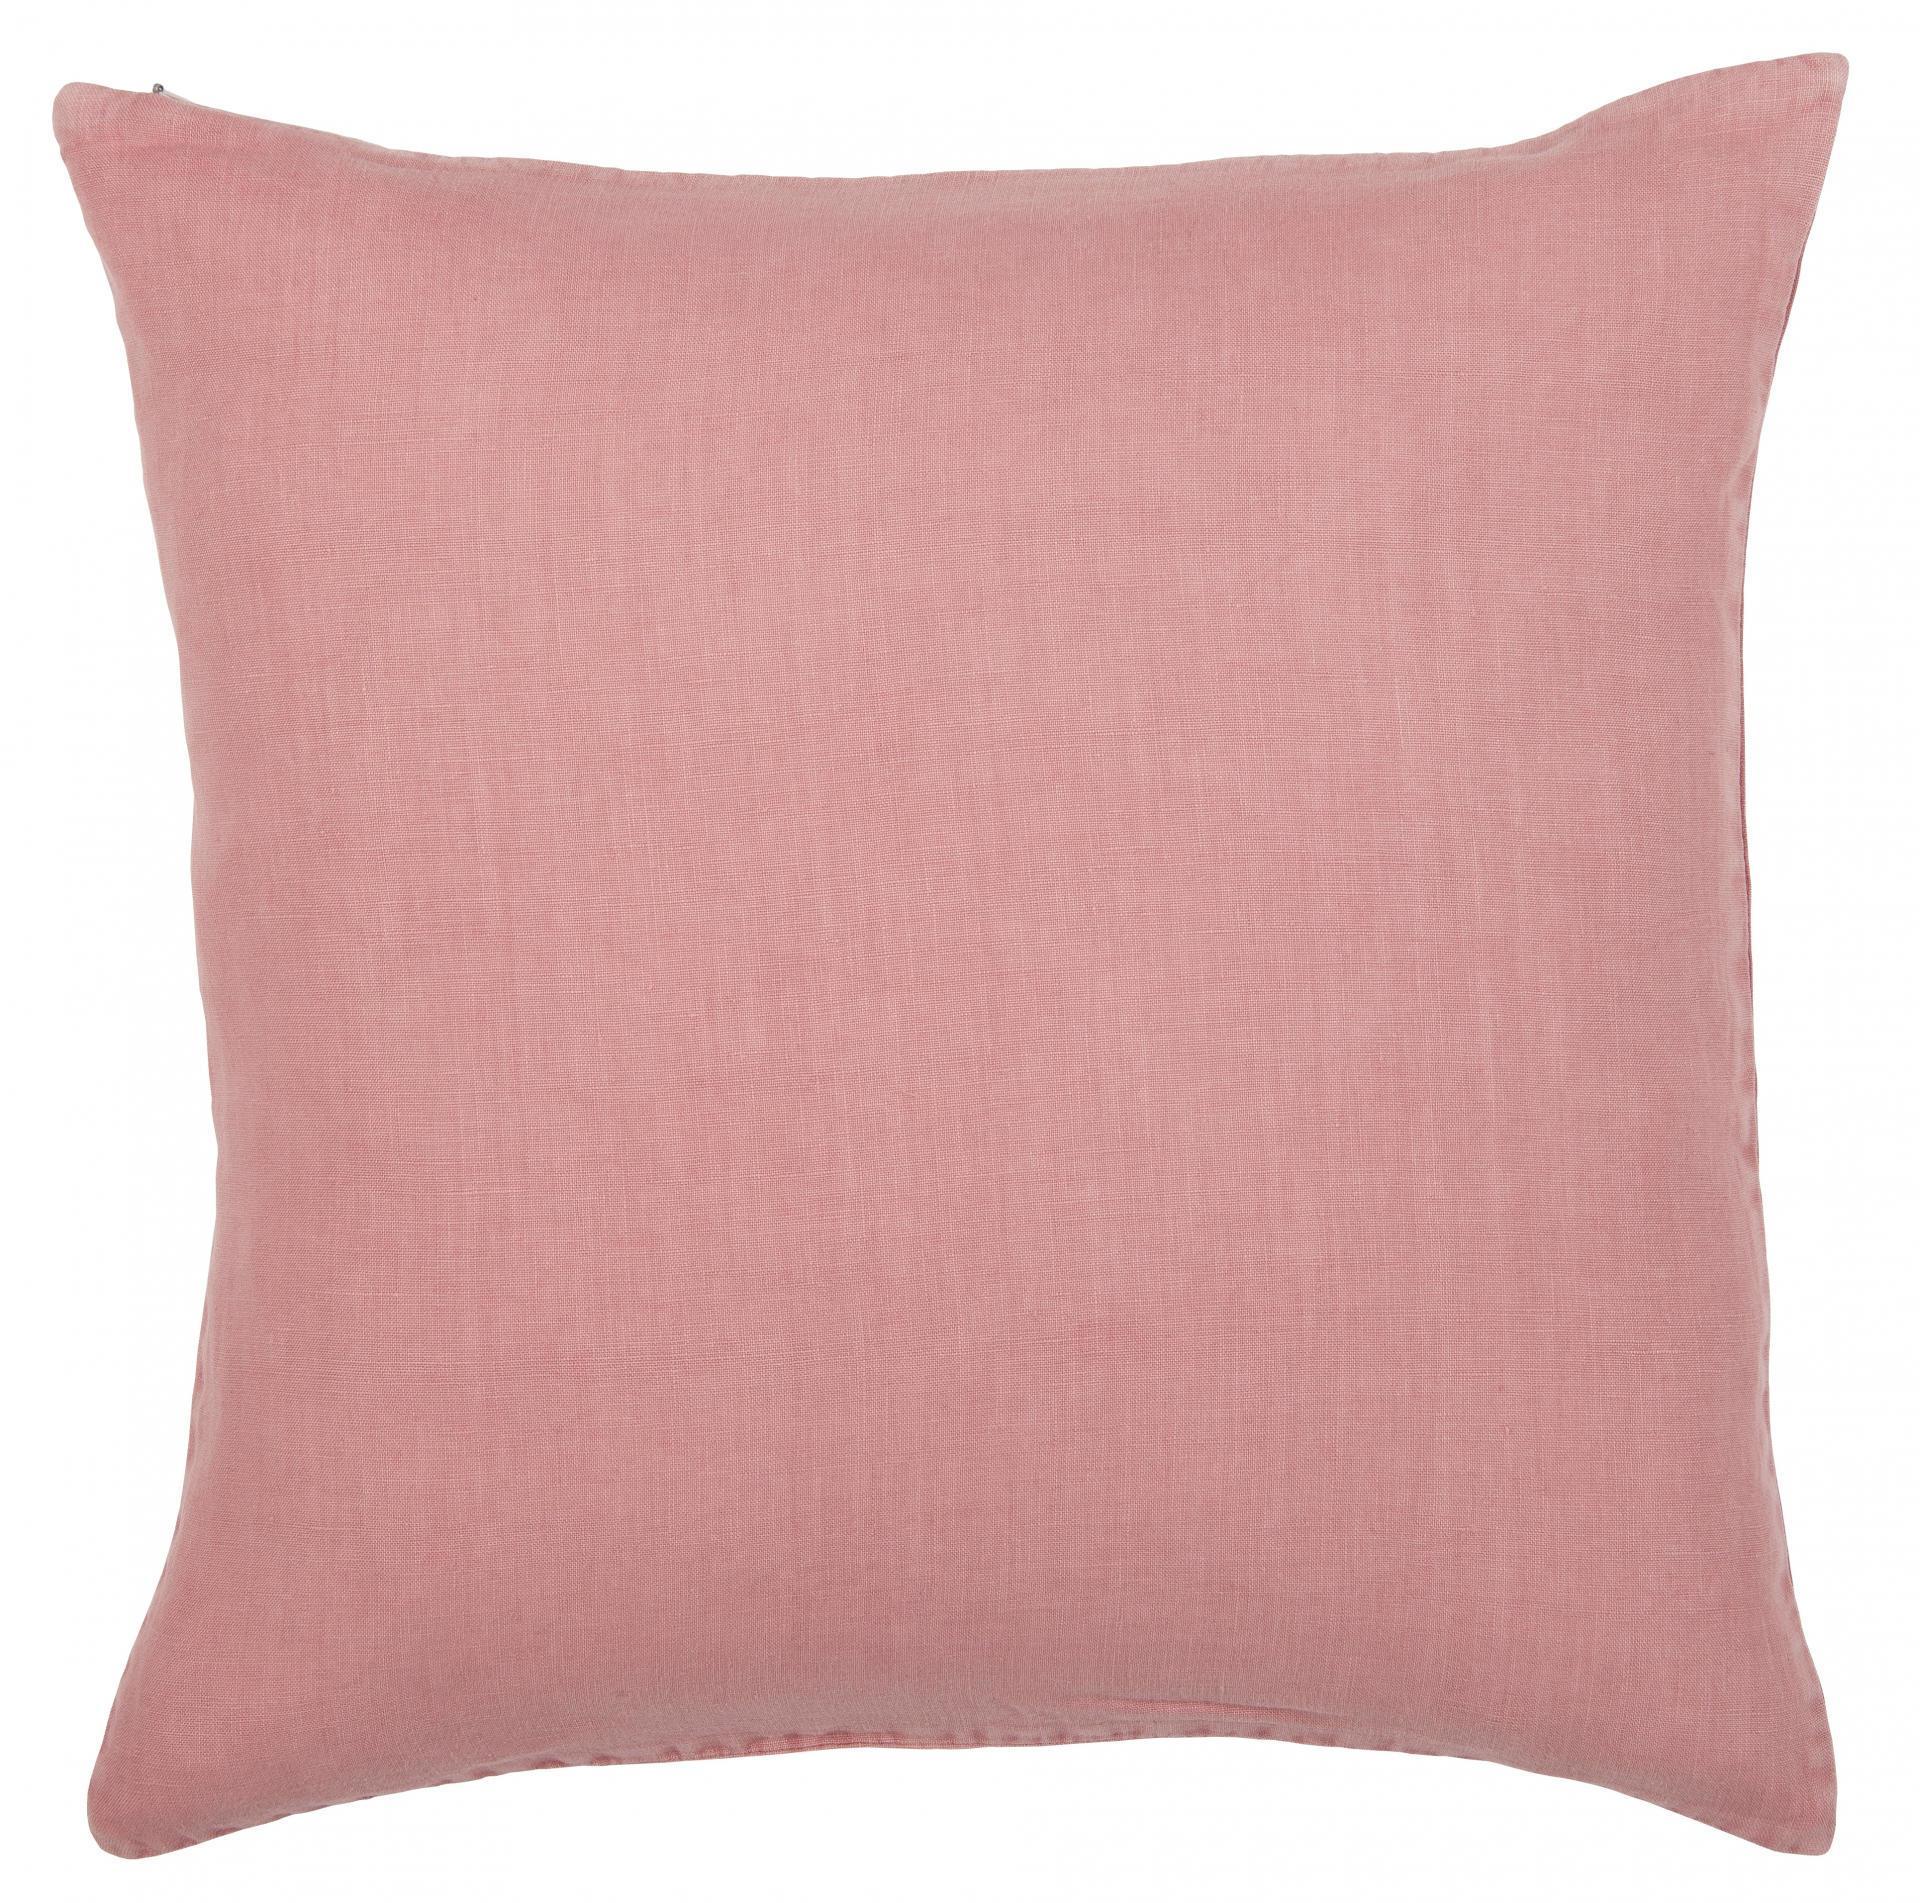 IB LAURSEN Lněný povlak na polštář Sorbet 50x50 cm, růžová barva, textil